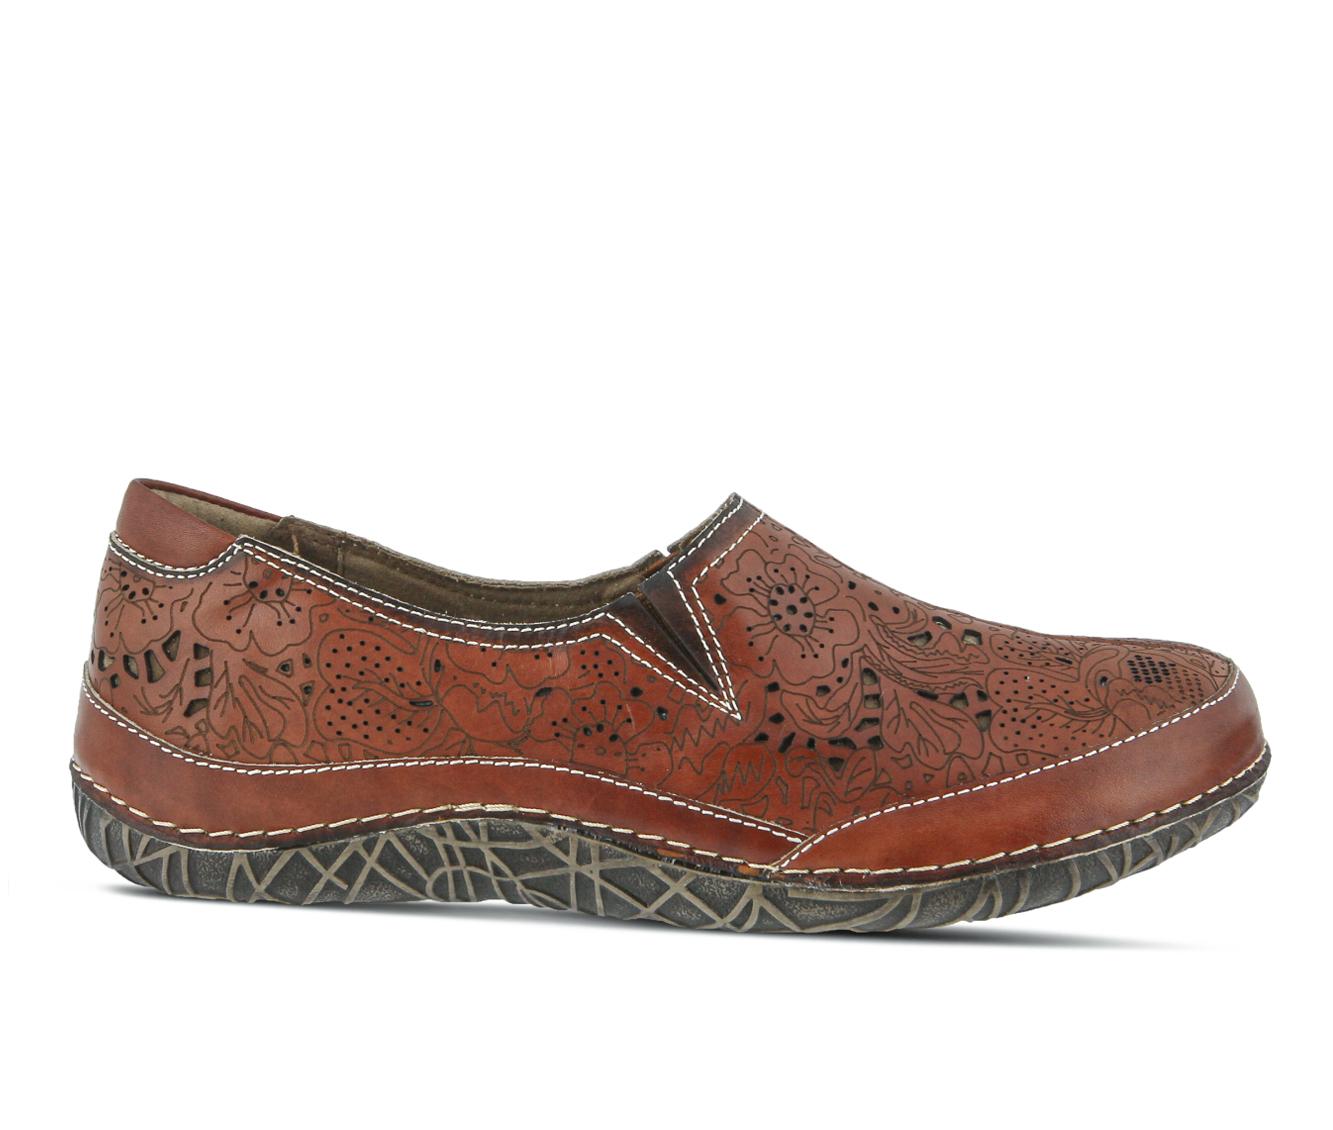 L'Artiste Libora Women's Shoe (Brown Leather)